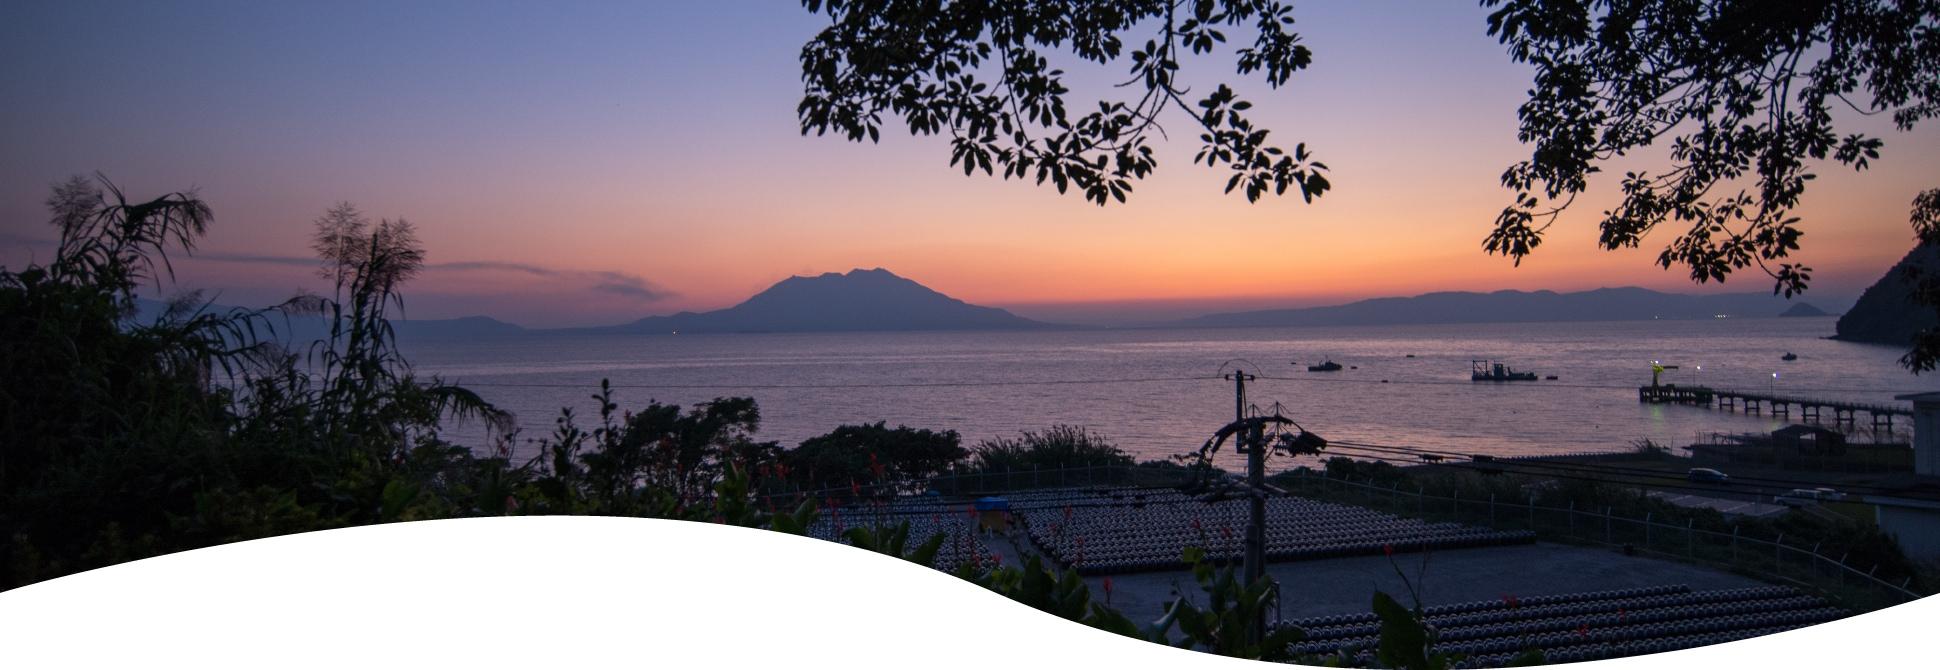 夕暮れの錦江湾